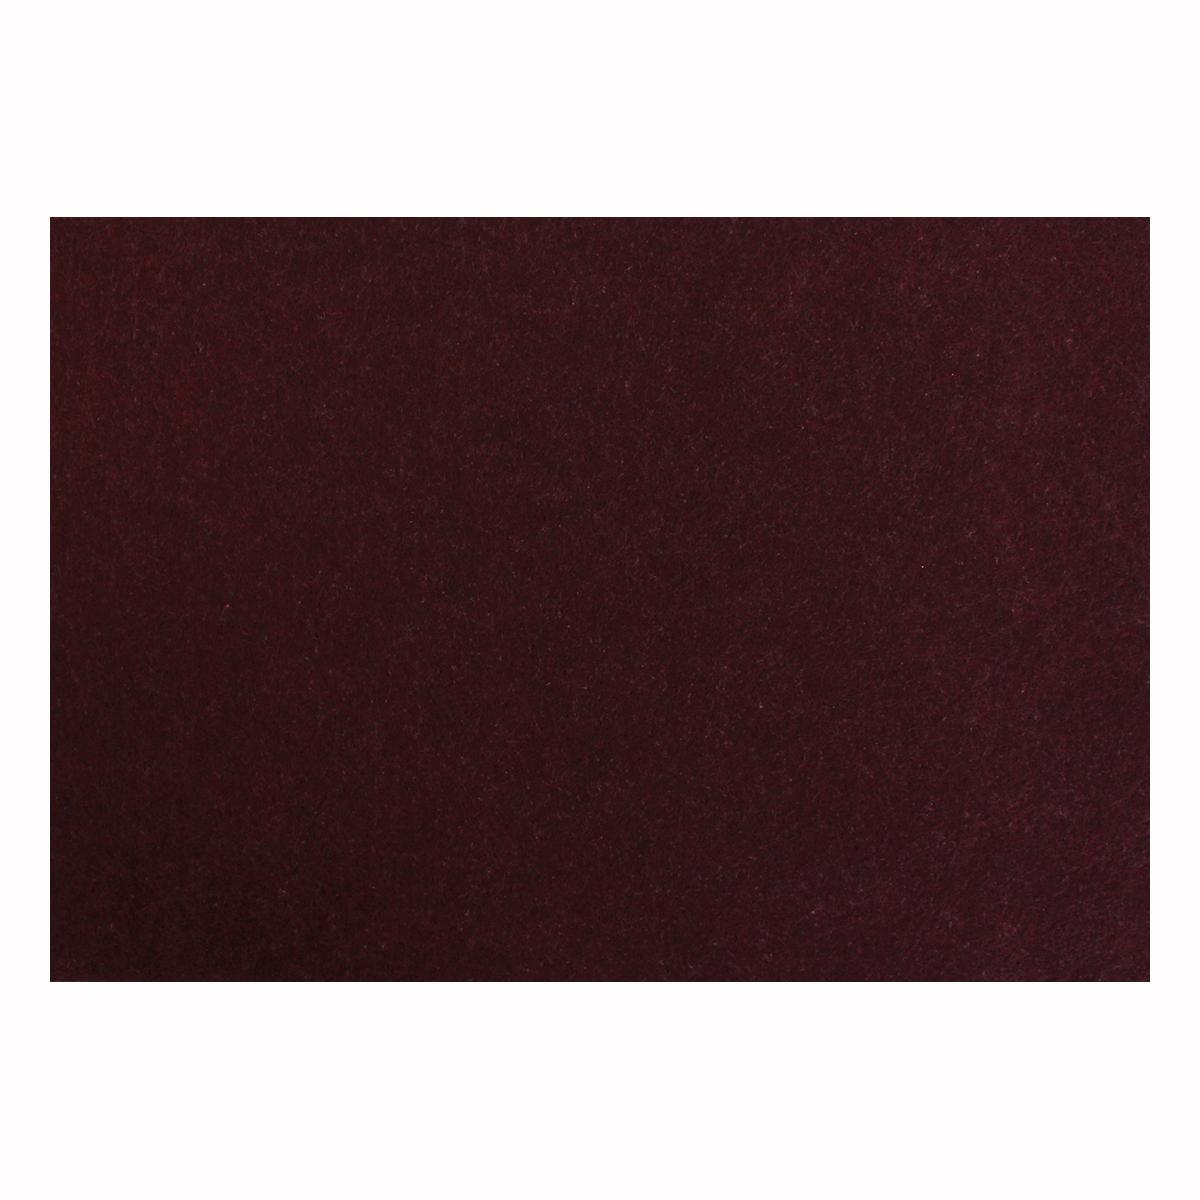 Фетр листовой Астра, цвет: бордовый, 20 х 30 см, 10 шт7708618_YF 617 бордоФетр декоративный Астра очень приятен в работе: не сыпется, хорошо клеится, режется и сгибается в любых направлениях. Фетр отлично сочетается с предметами в технике фильцевания.Из фетра получаются чудеснейшие украшения (броши, подвески и так далее), обложки для книг, блокнотов и документов, картины, интересные детали дляинтерьера и прочее.